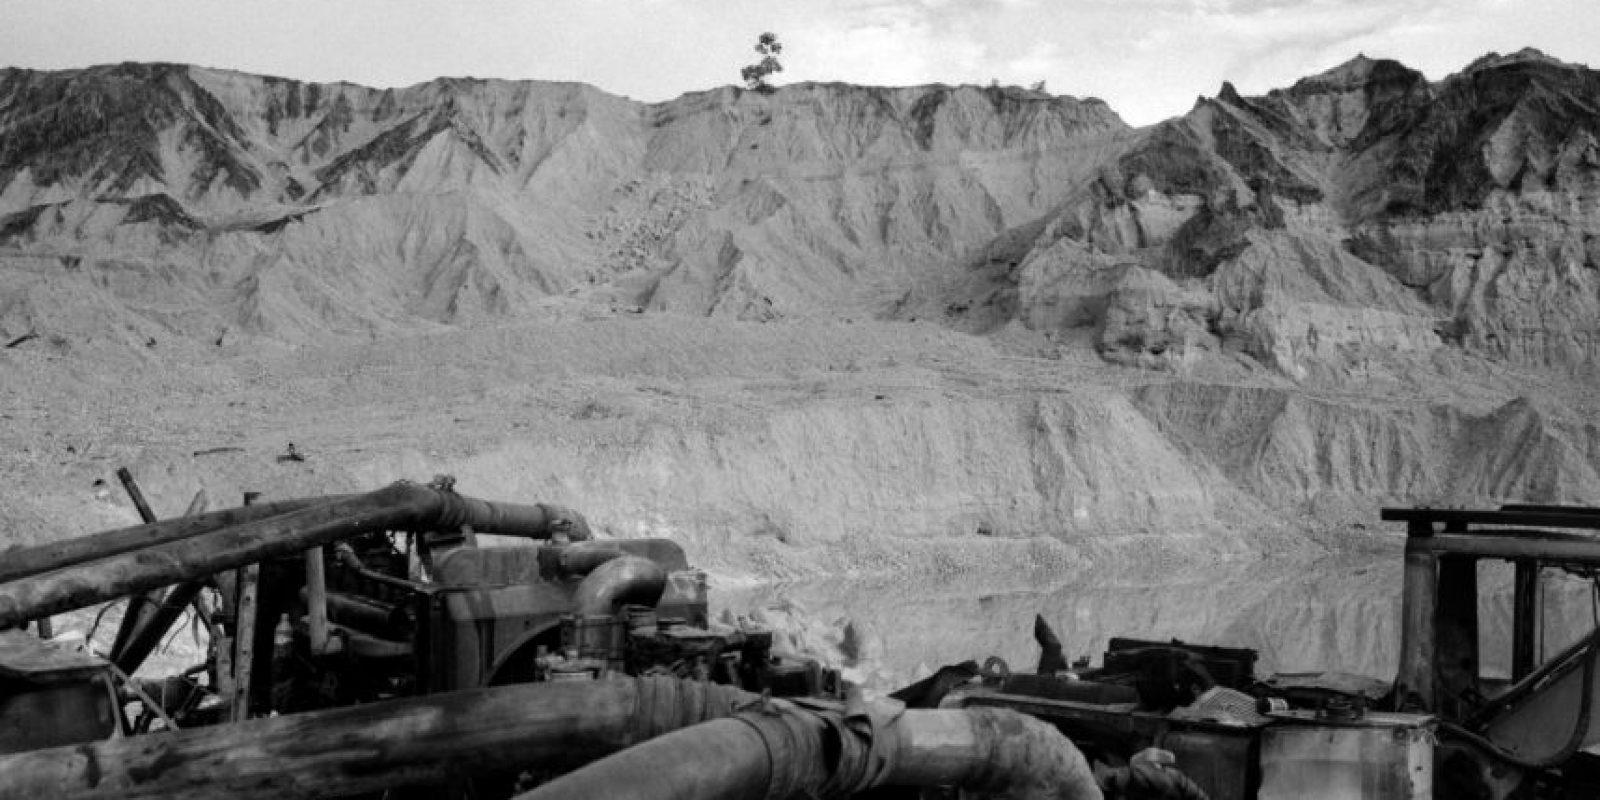 Una retroexcavadora utilizada para la minería quedó inactiva en un cráter después de que las fuerzas de seguridad la dejaran fuera de servicio en abril, en Huepetuhe en la región de Madre de Dios, Perú. En una redada sorpresa, unos 1.500 policías y soldados dinamitaron 20 millones de dólares de maquinaria pesada en una ofensiva que el gobierno de Perú realizó contra la minería ilegal de oro, la cual ha afectado la riqueza ecológica de la región selvática del sudeste de Madre de Dios. 21 de mayo, 2014. Foto:AP Photo/ Rodrigo Abd